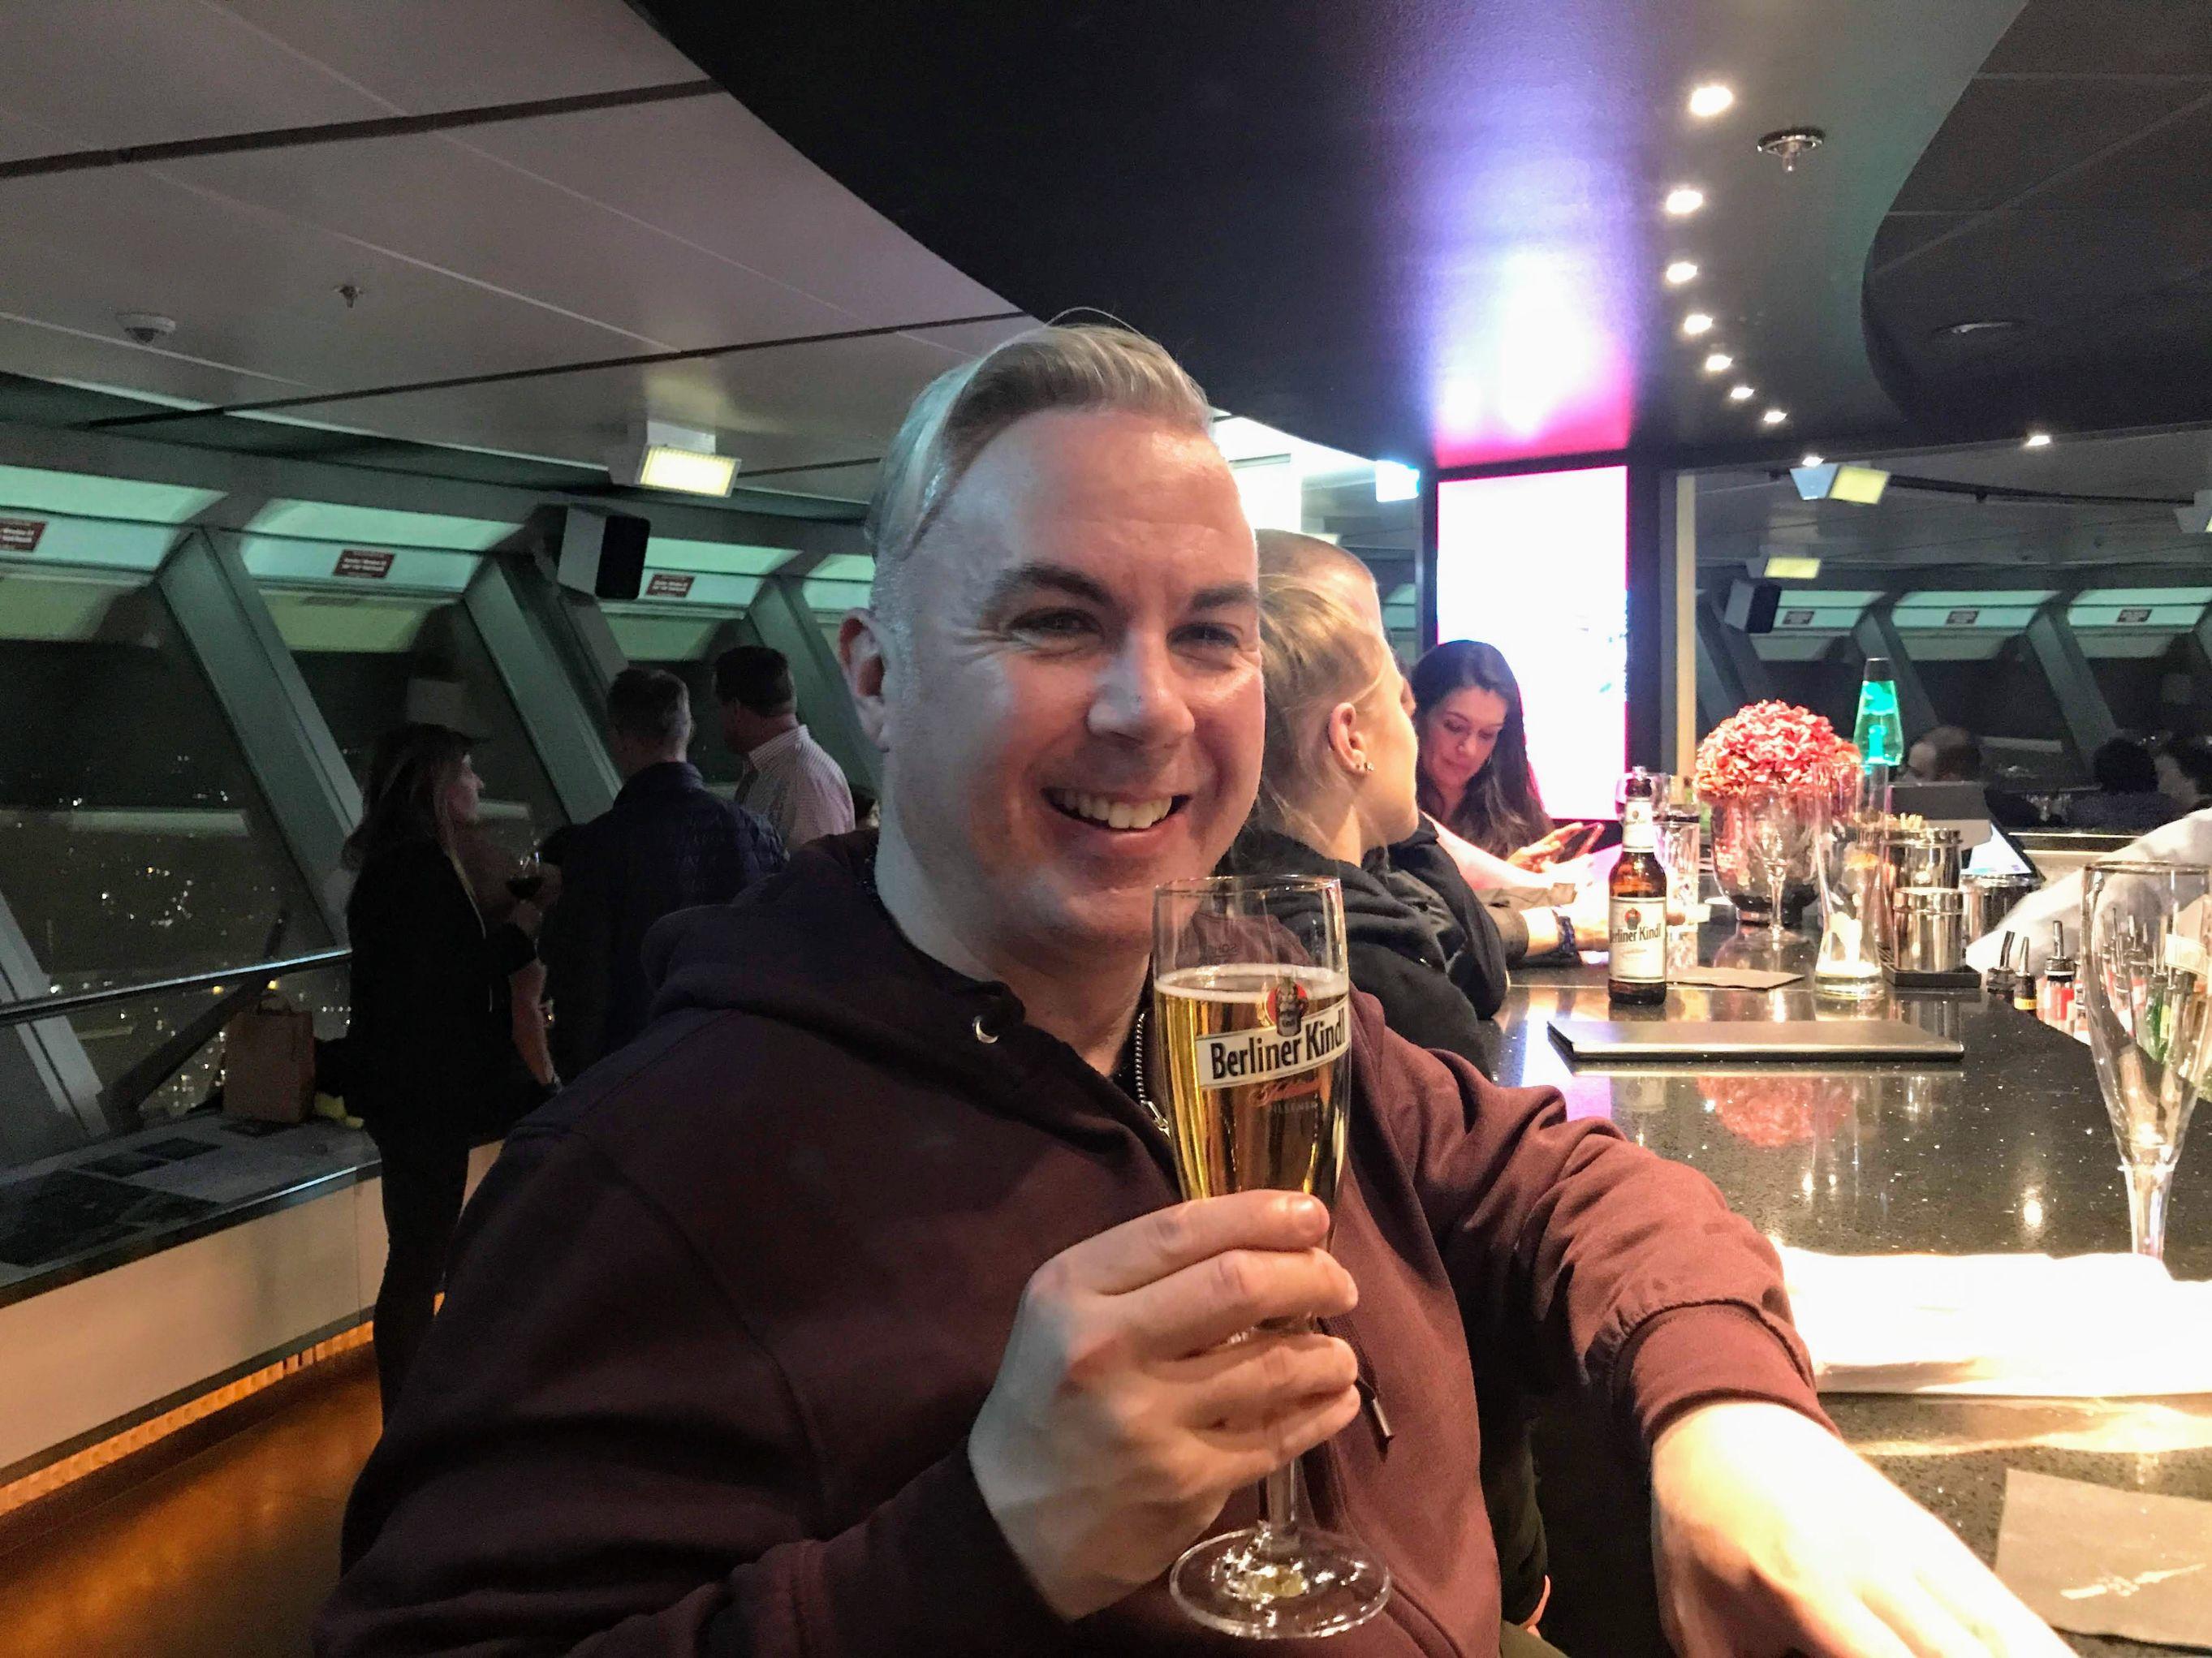 shane smyth drinking a beer at the berlin fernsehturm